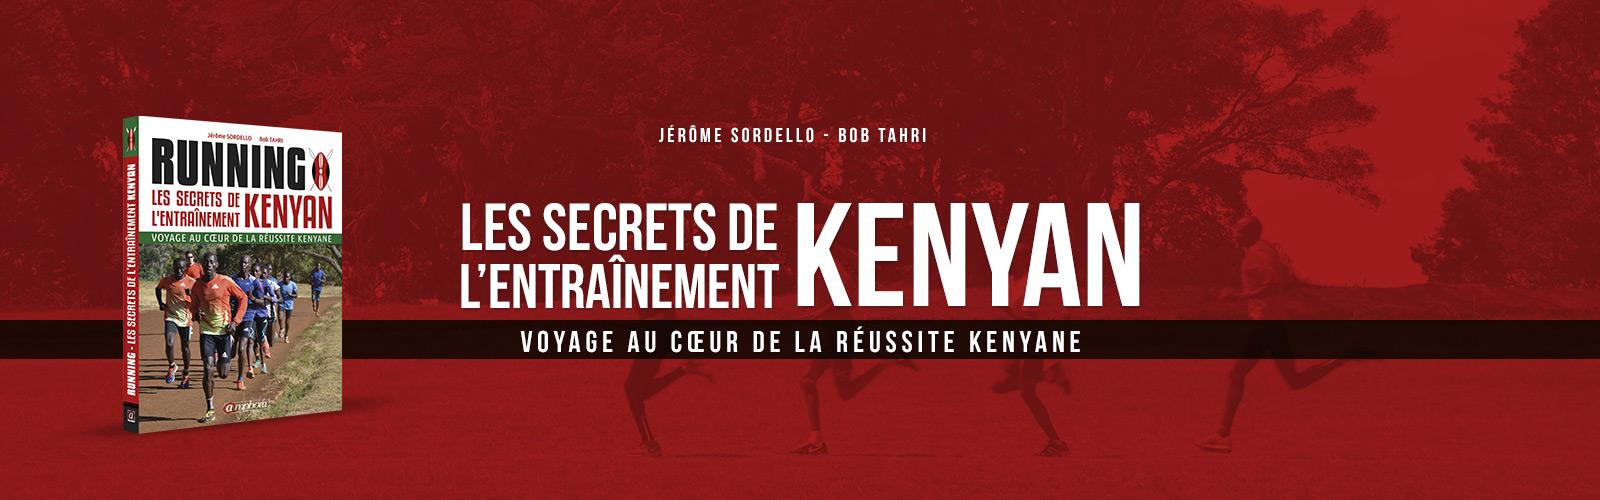 Slide_Kenyan